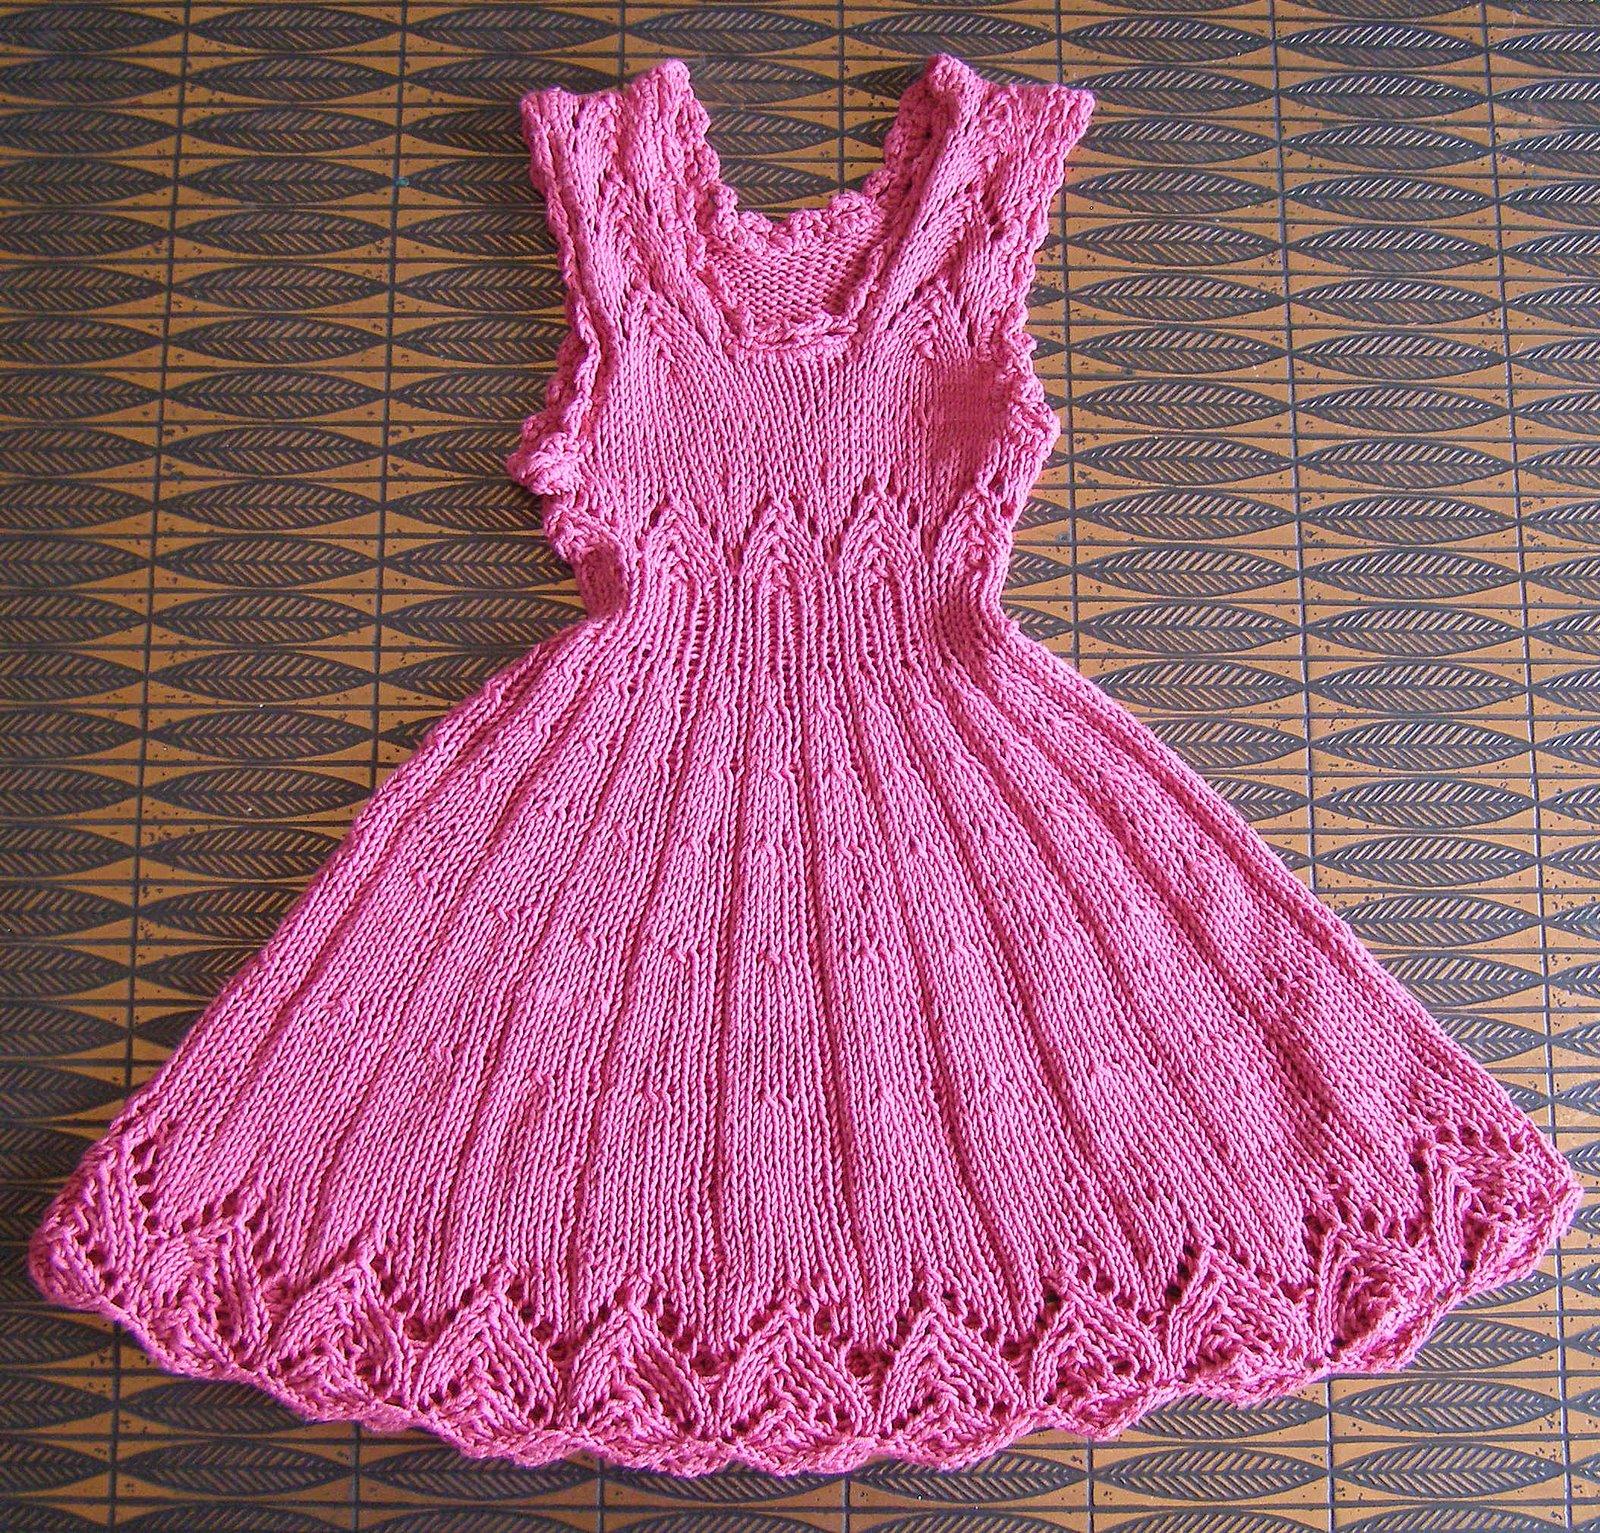 Knitting Pattern For A Dress : VERA E SUAS MANUALIDADES - Veraxangai: VESTIDO INFANTIL EM ...